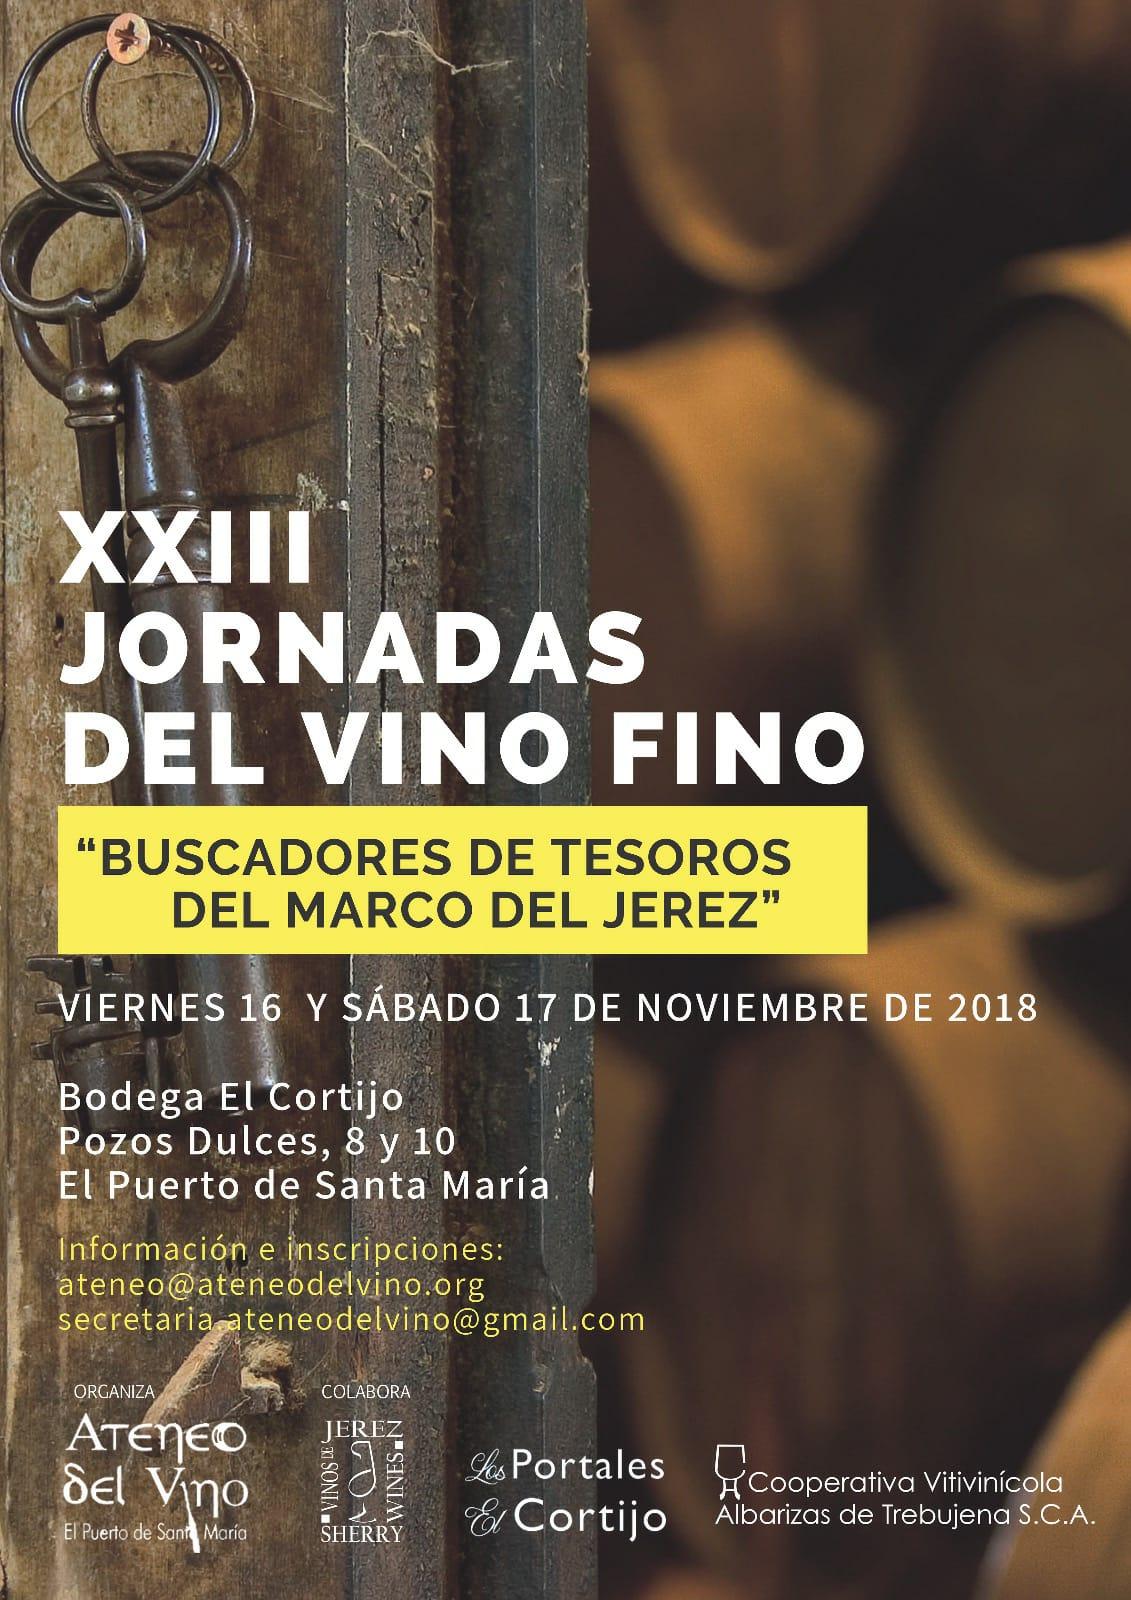 XXIII Jornadas del Vino Fino, El Puerto de Santa María(Spanish)